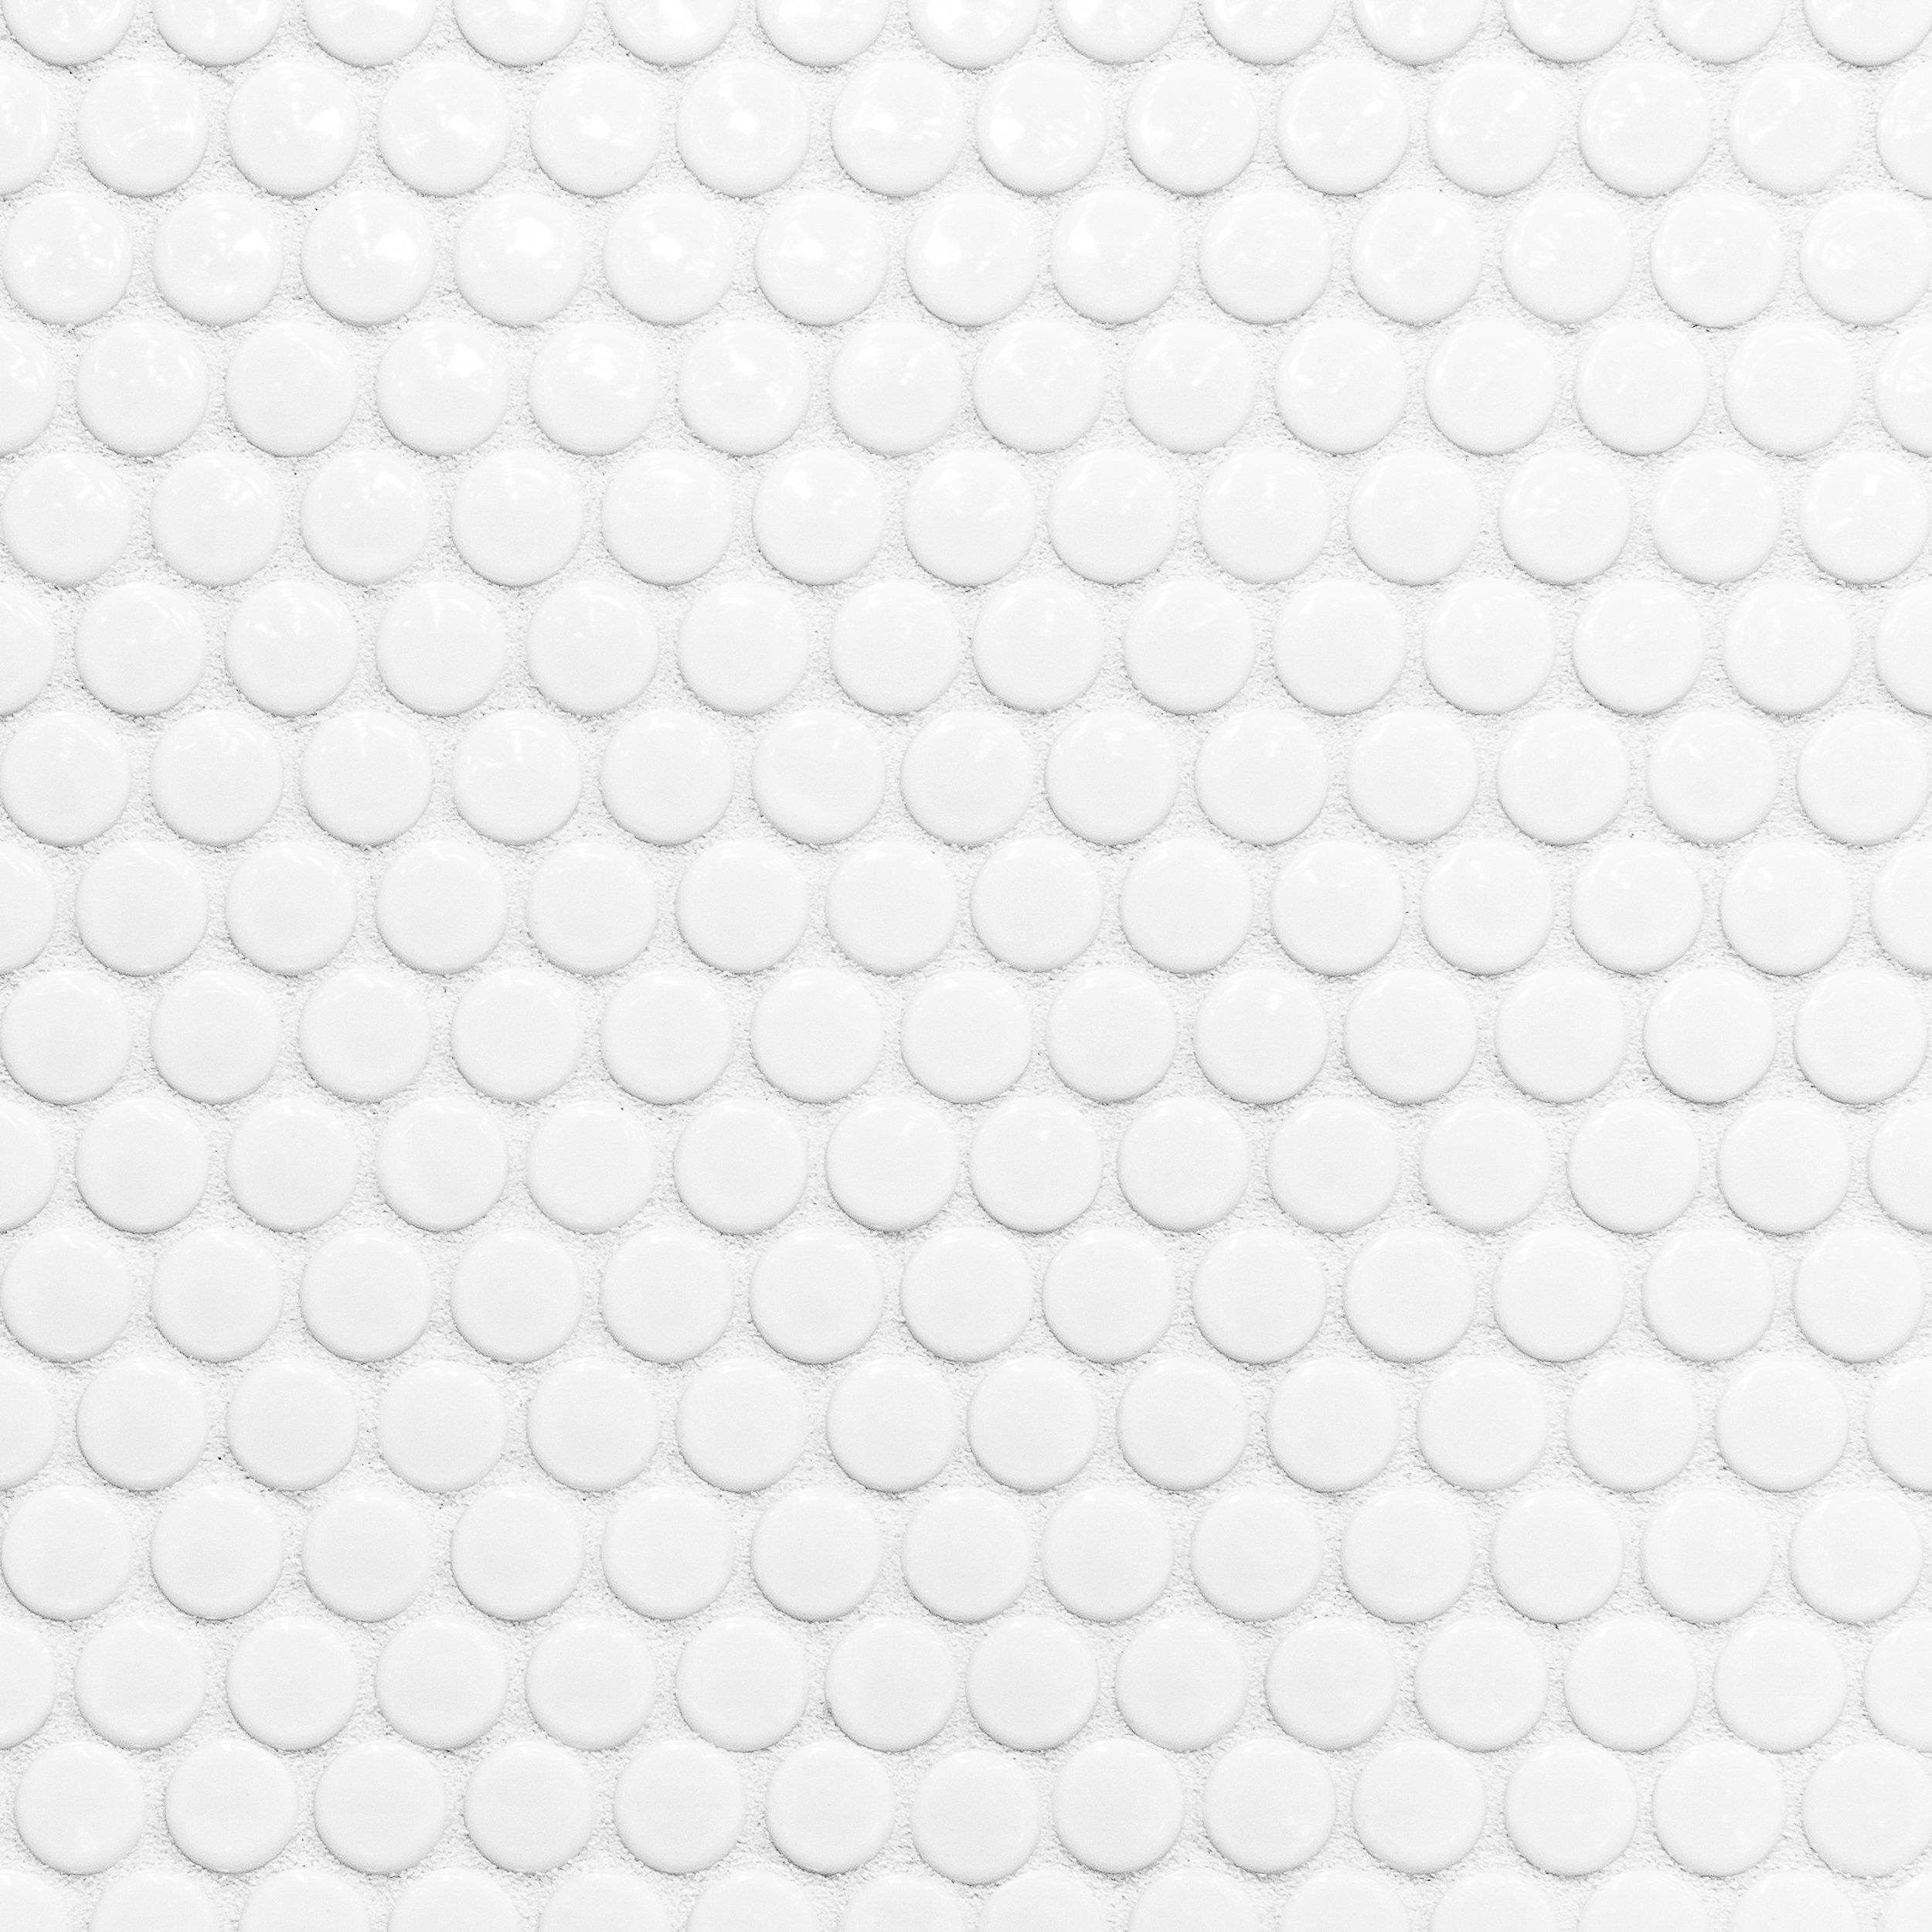 Penny White Iii Porcelain Mosaic Bathroomtile Porcelain Mosaic White Bathroom Tiles Penny Tiles Bathroom